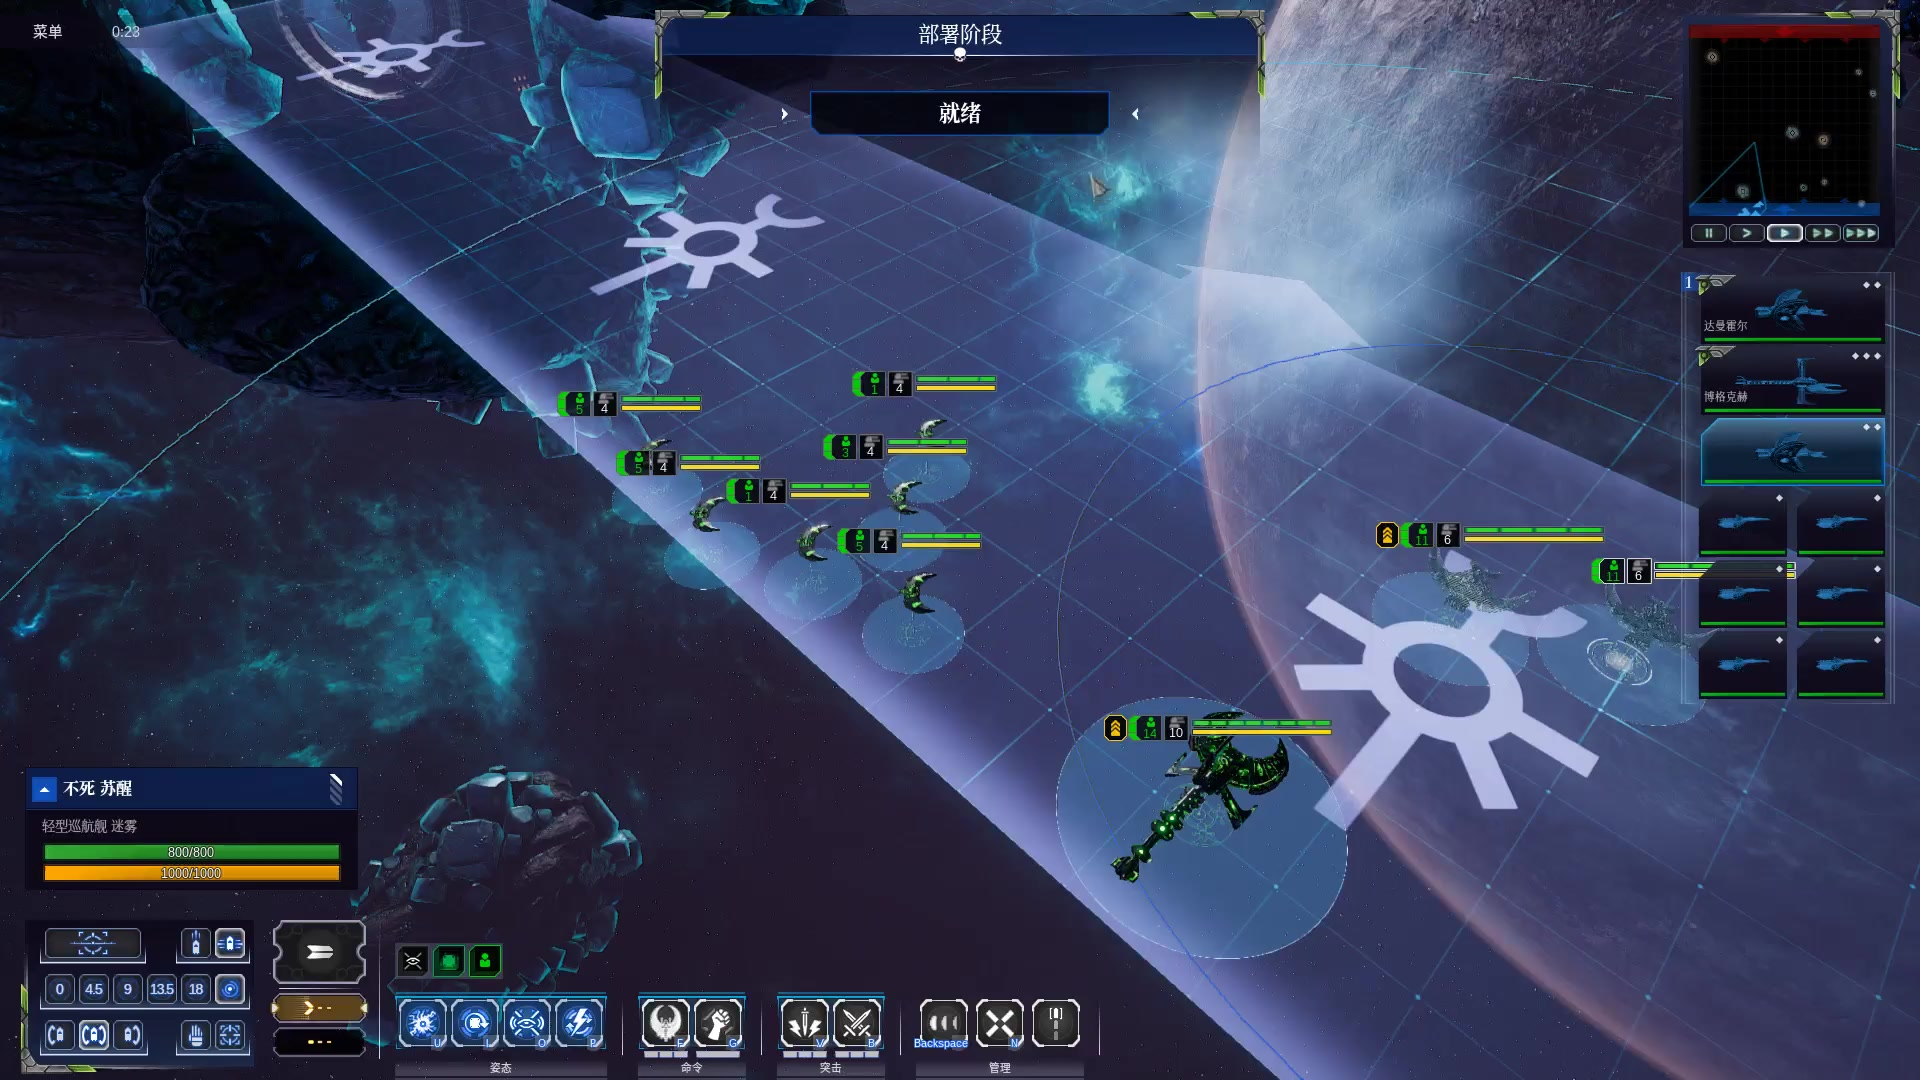 哥特视频:阿玛达2的全部相关舰队_bilibili_哔哩不粘锅视频图片